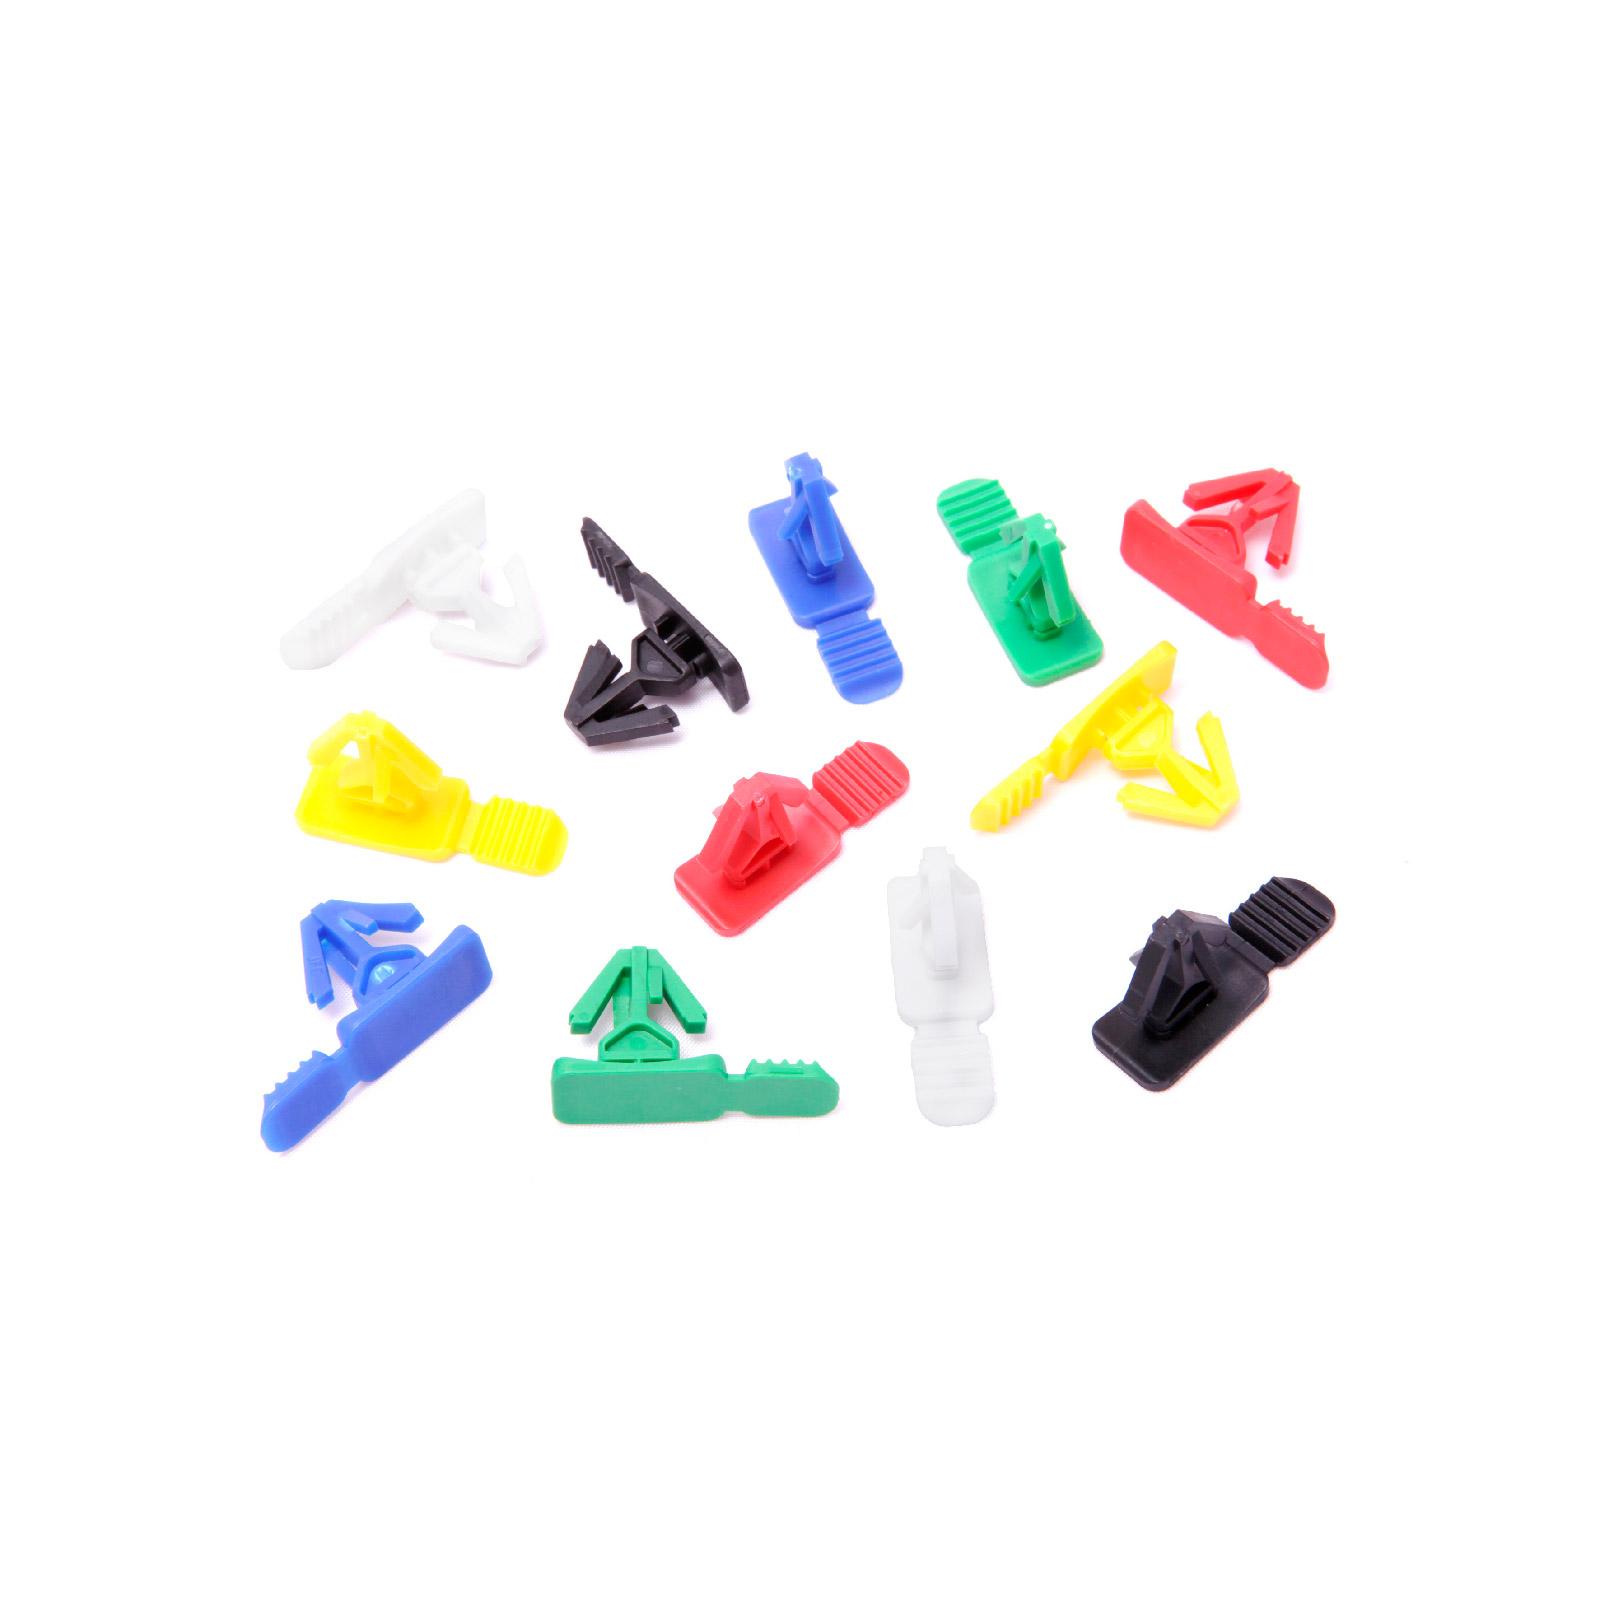 Scellé flèche clipbox pour bacs